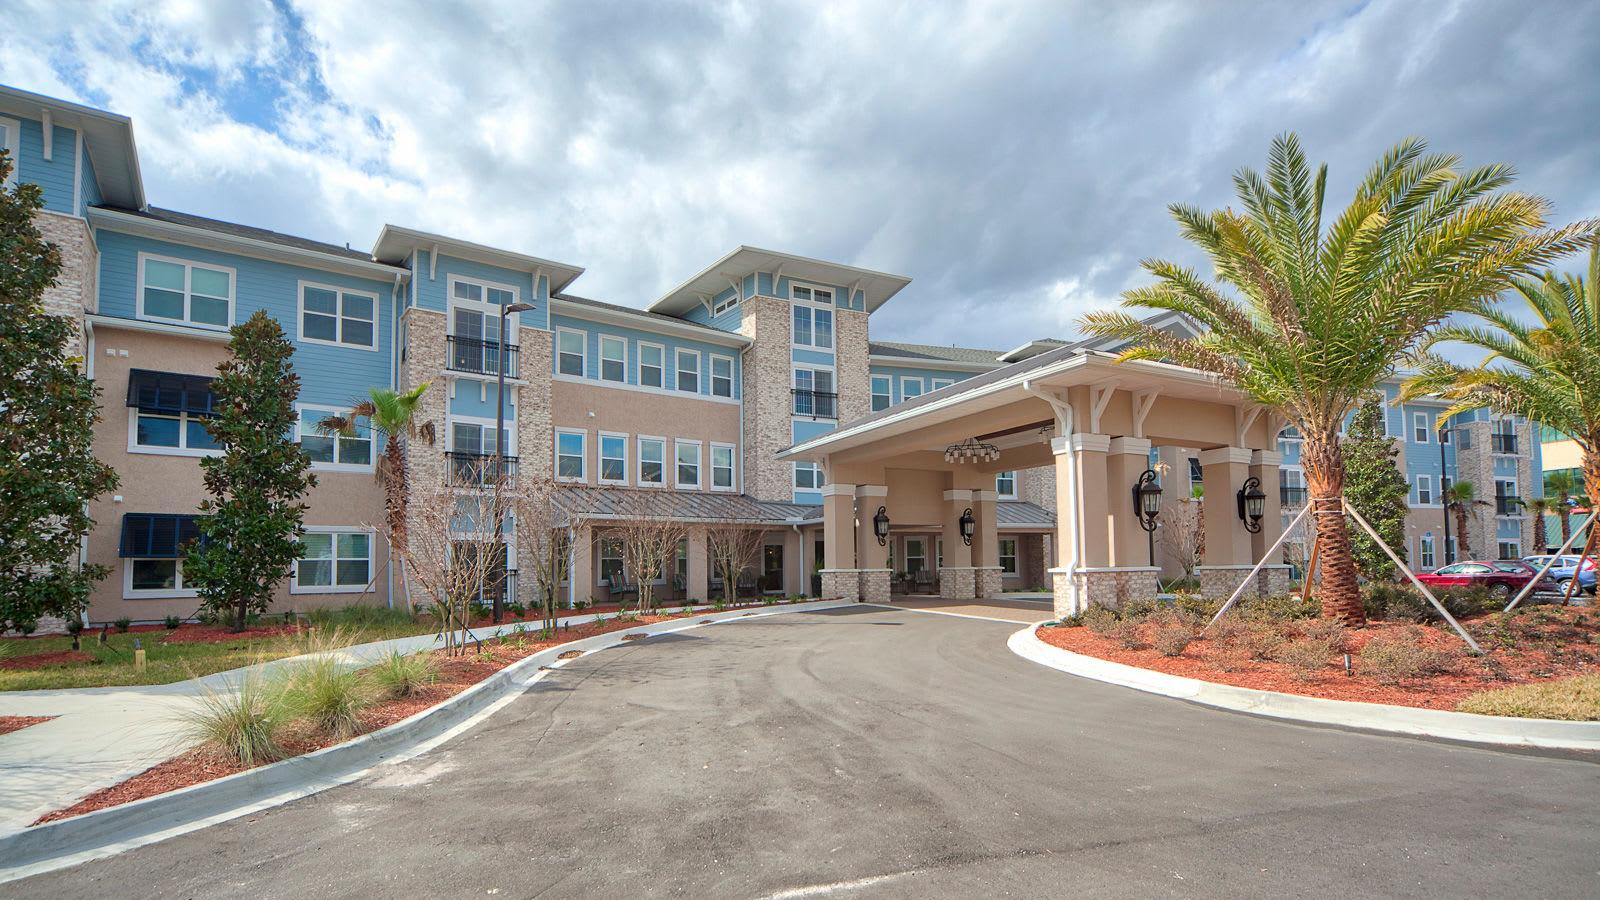 Exquisite senior living facility located in Jacksonville